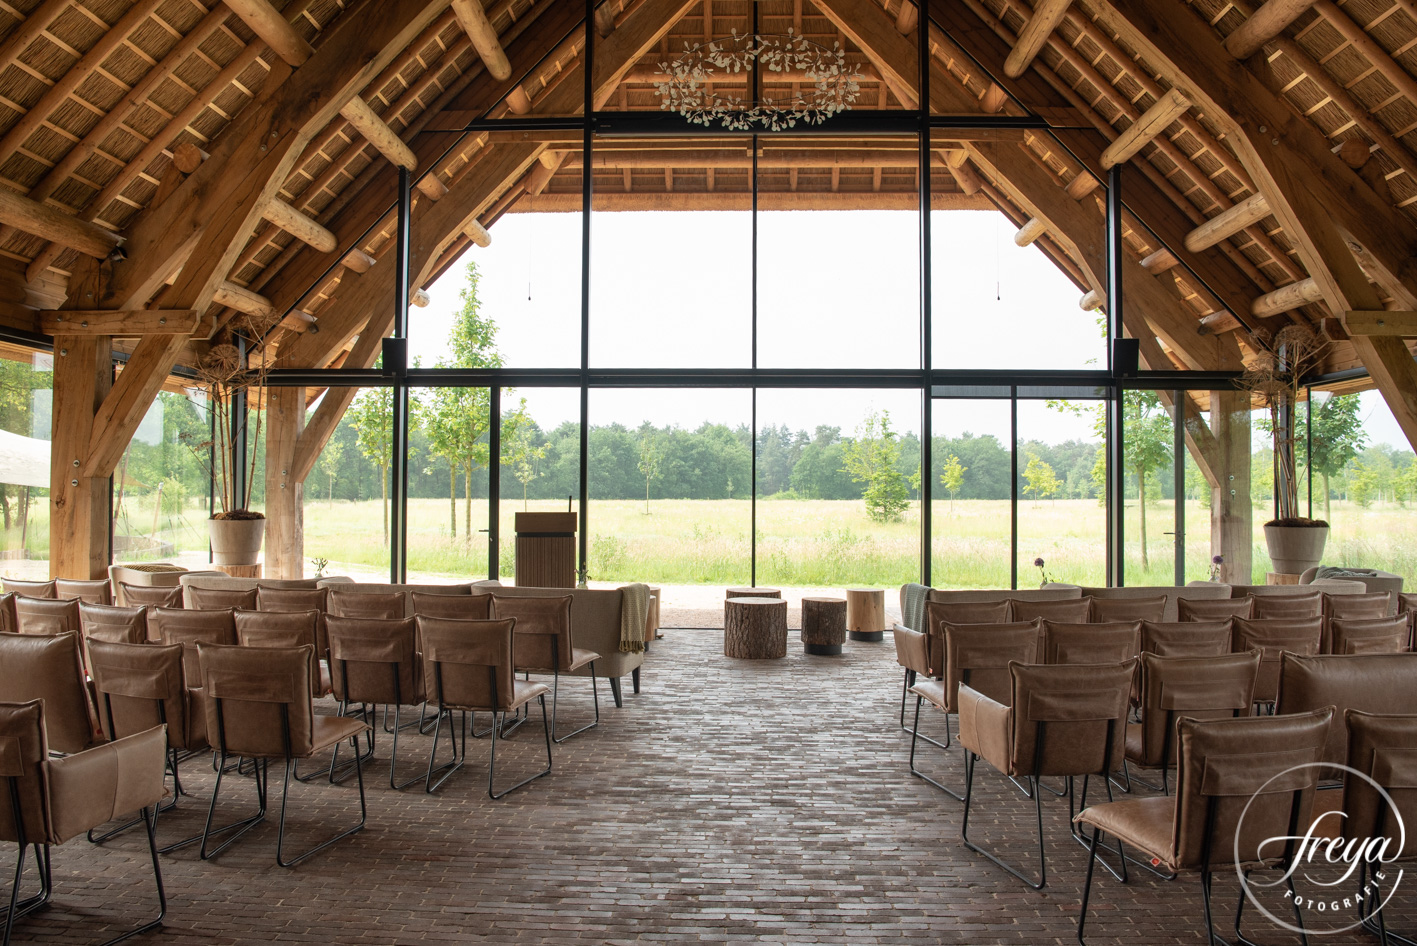 natuurbegraafplaats Maashorst grote zaal